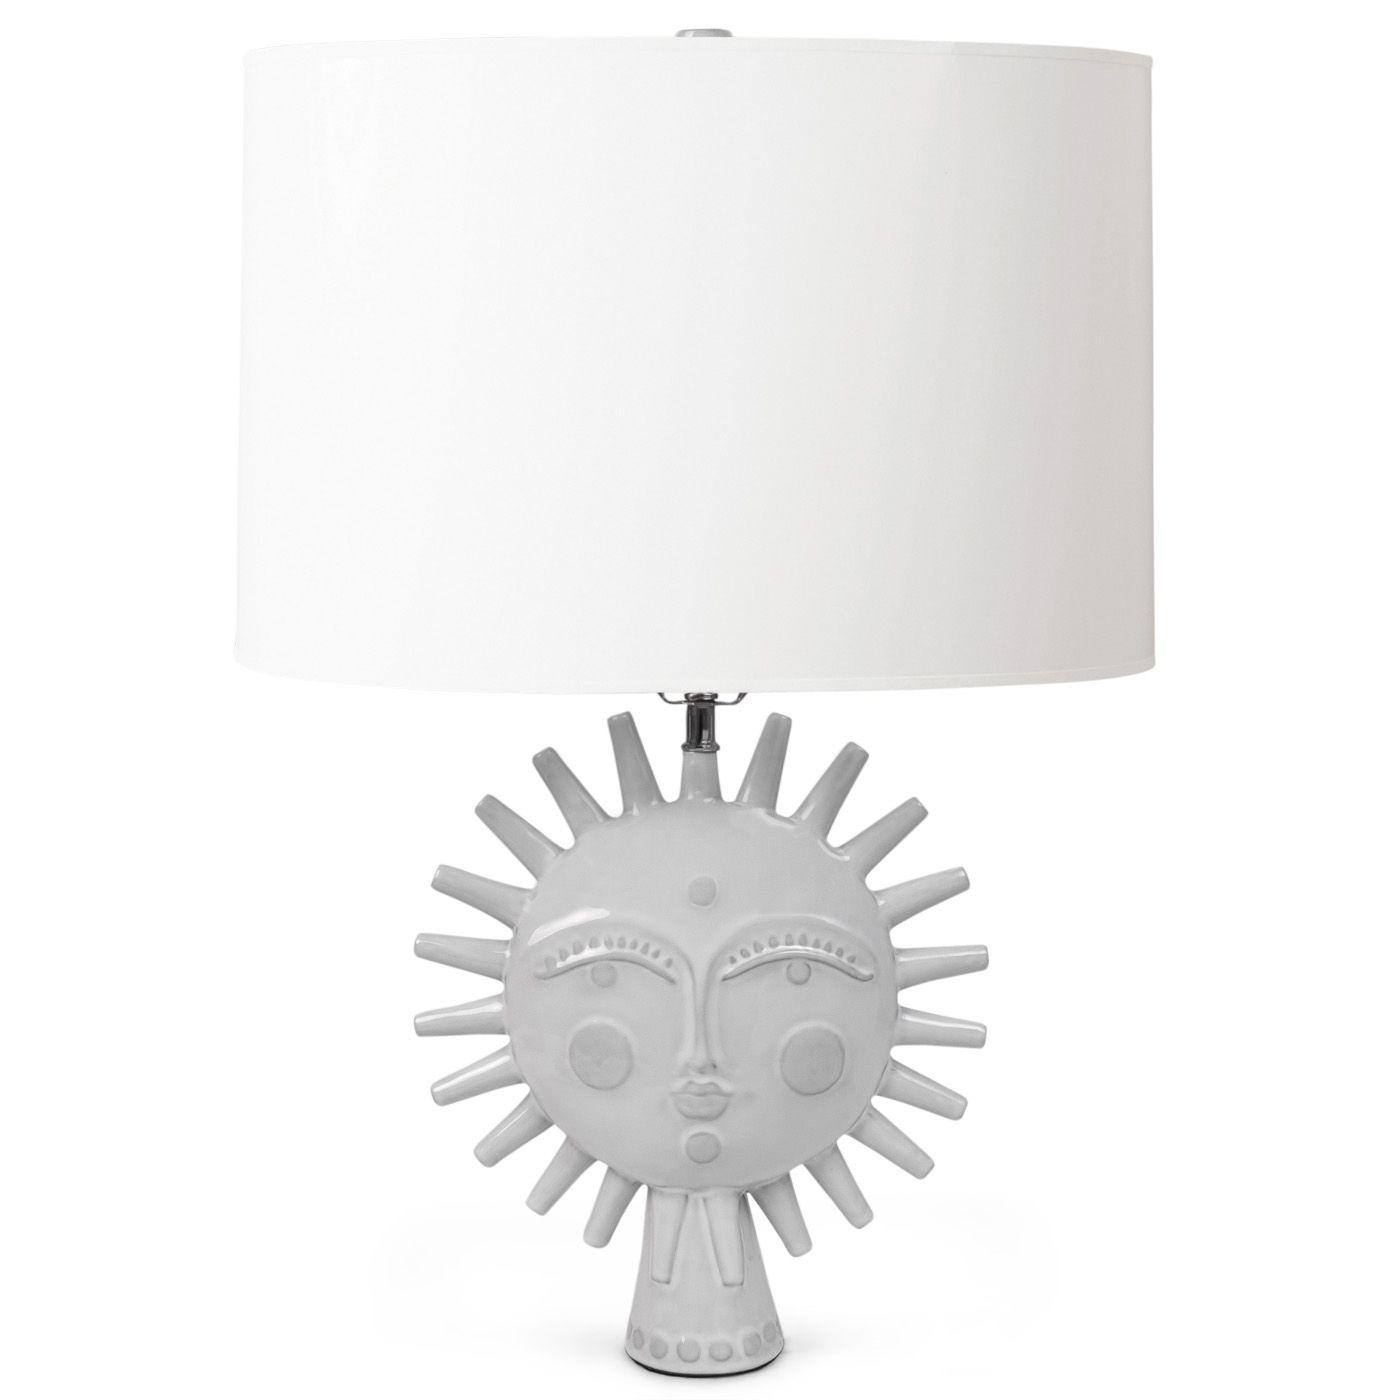 Modern Lighting   Sun Table Lamp   Jonathan Adler $395